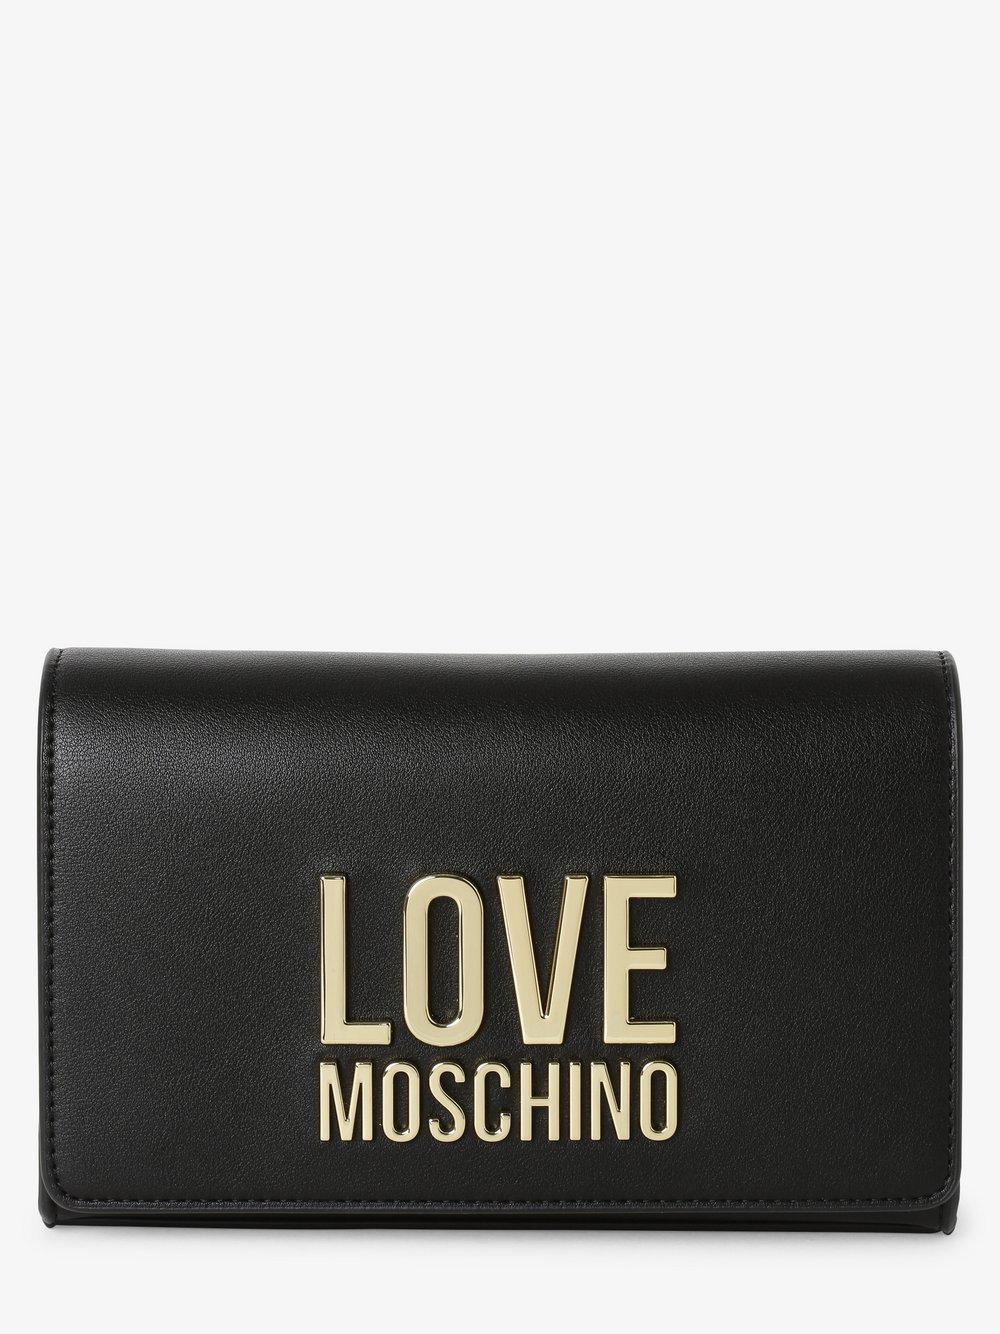 Love Moschino - Torebka damska, czarny